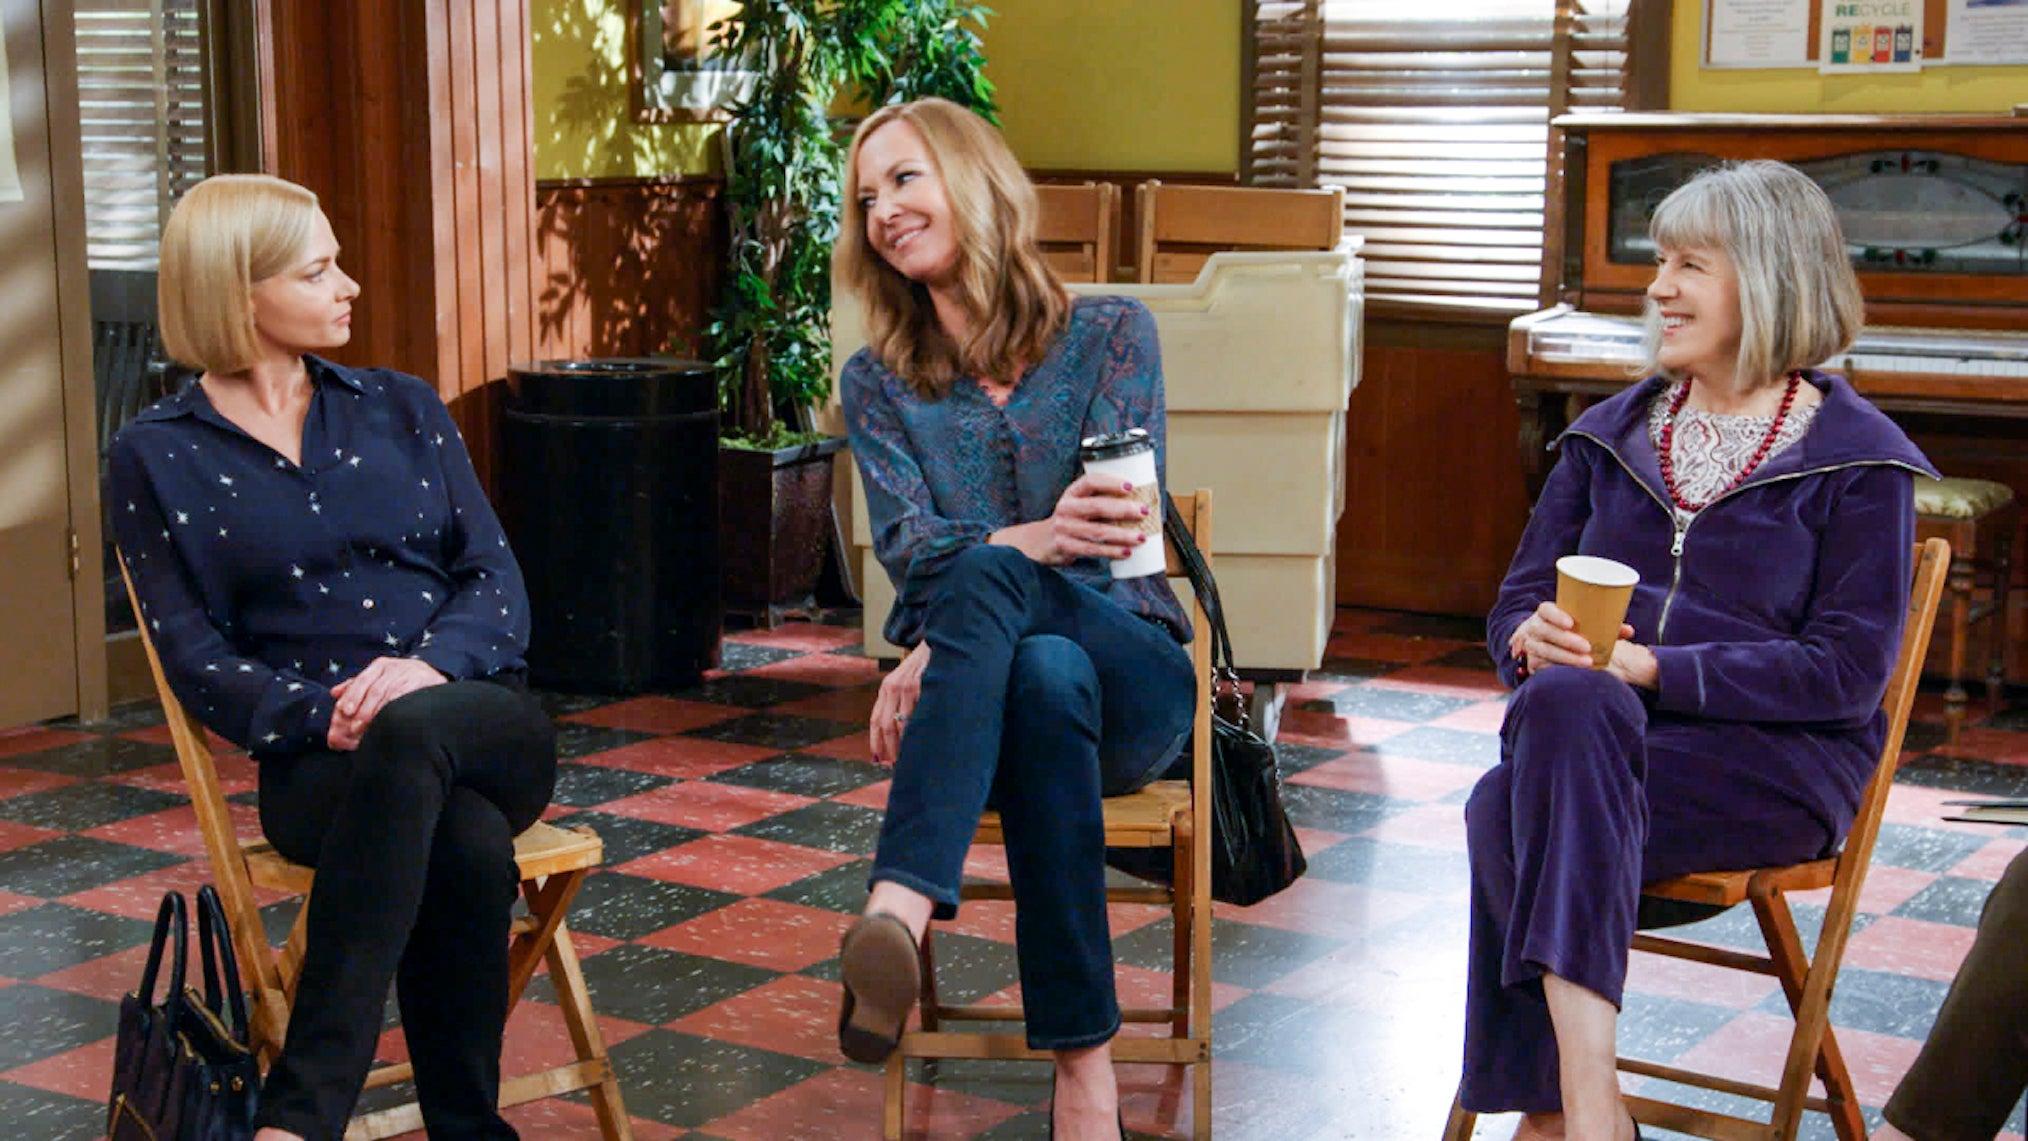 Cena da série Mom que mostra 3 mulheres sentadas e se olhando.